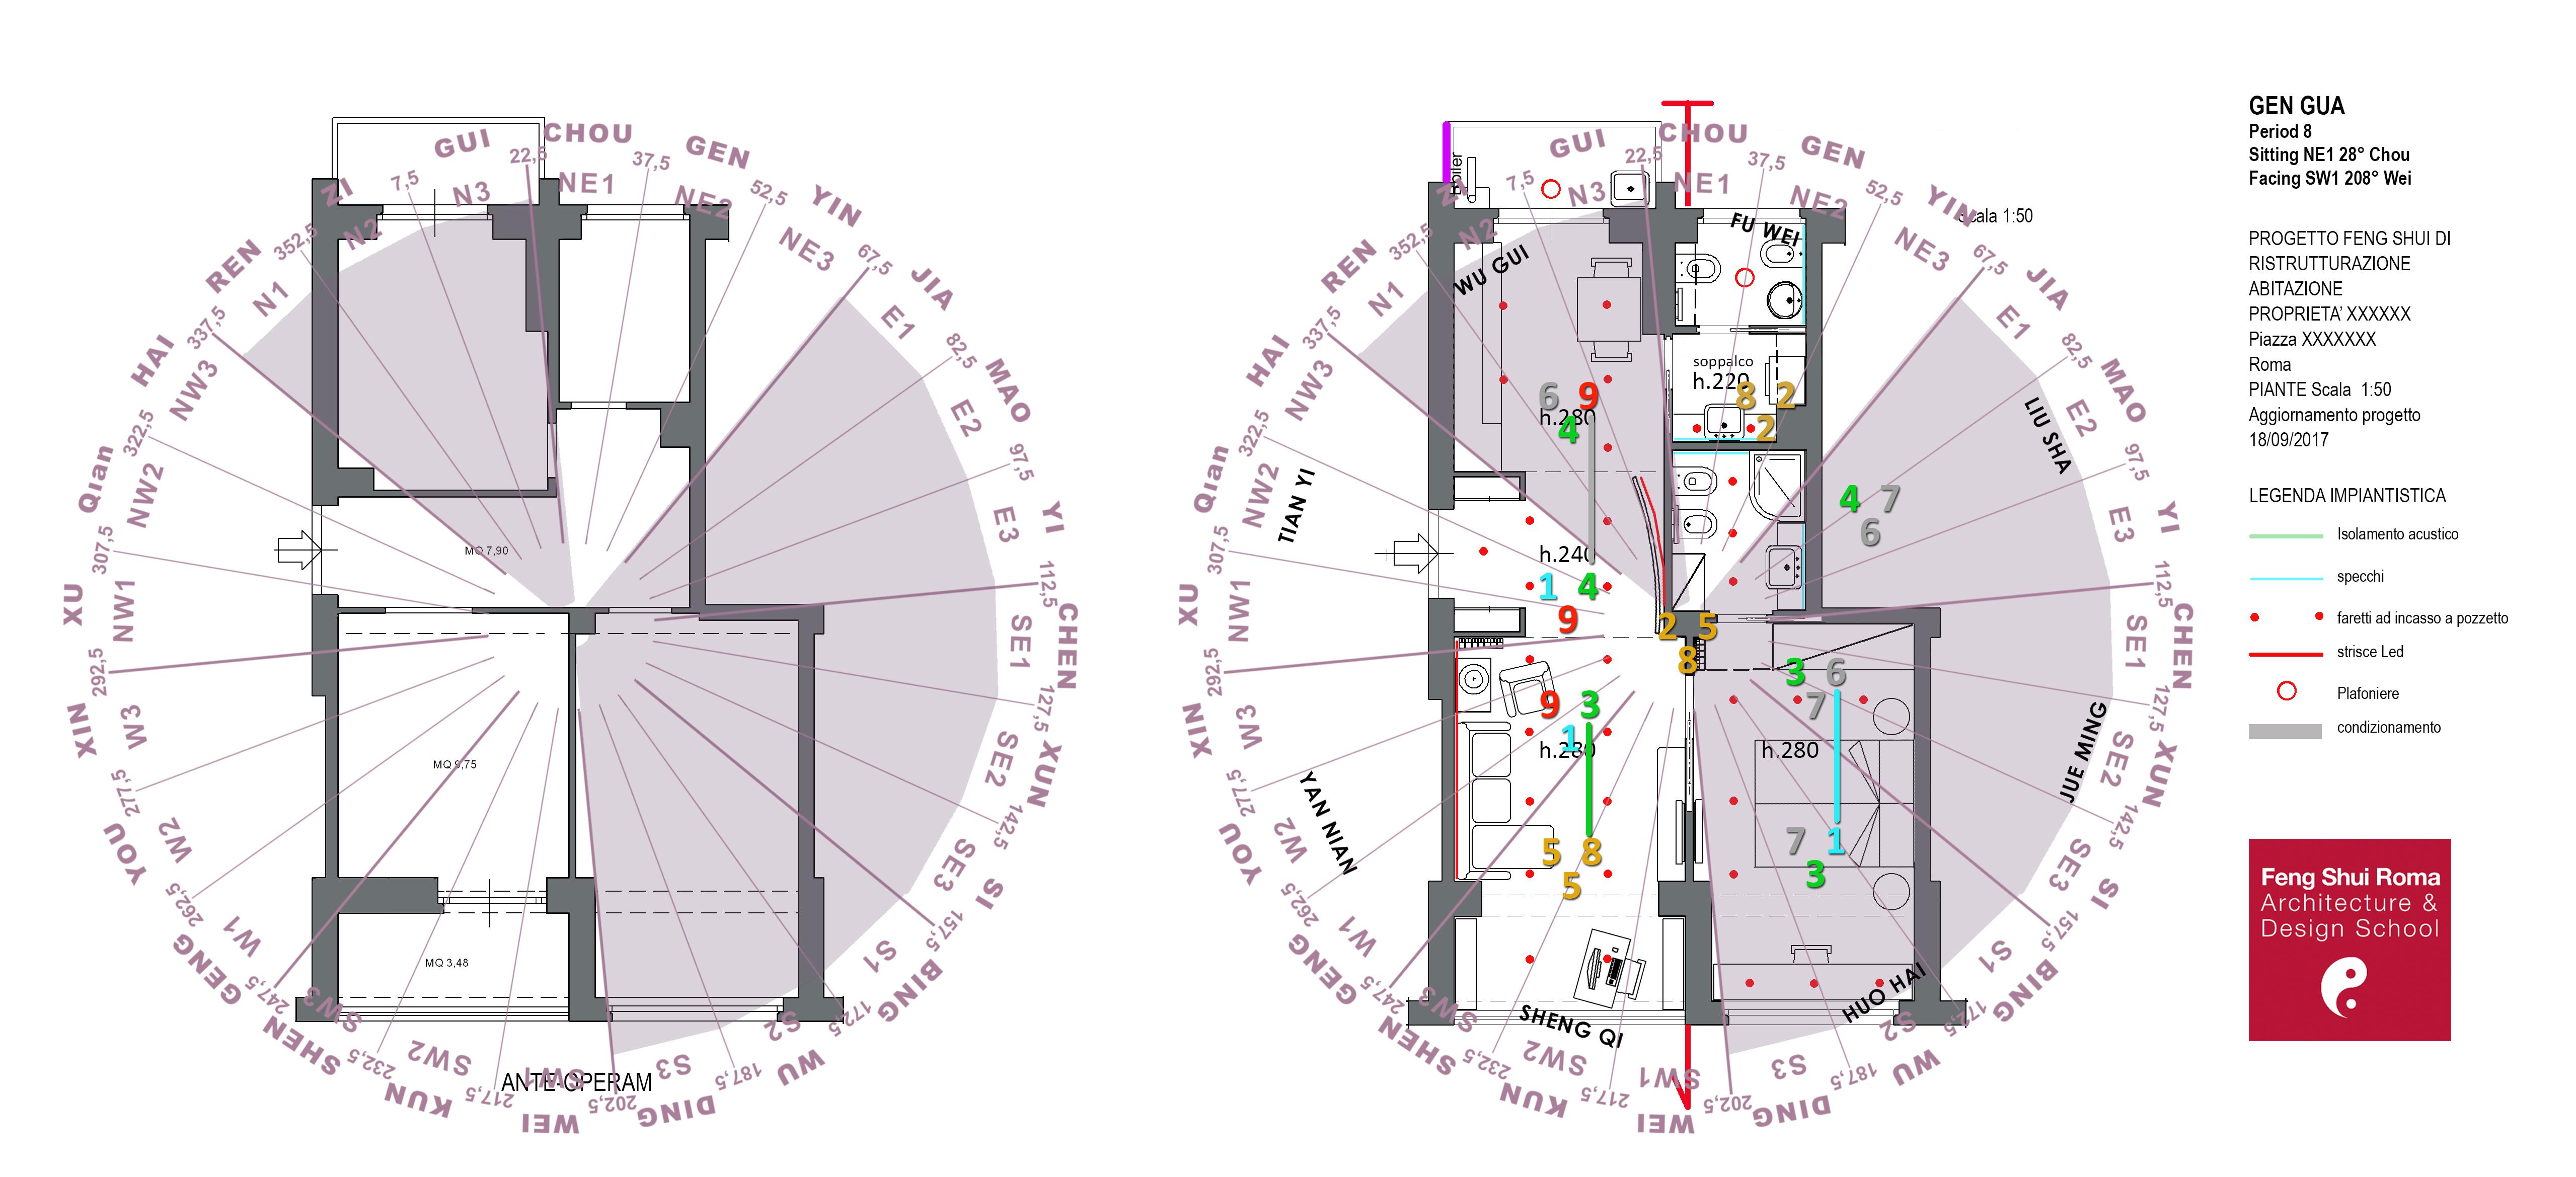 CORSO DI FENG SHUI DELLA FORMA ON-LINE (XING SHI PAI & BAZHAI MINJING) @ FENG SHUI ROMA ARCHITCTURE &DESIGN SCHOOL